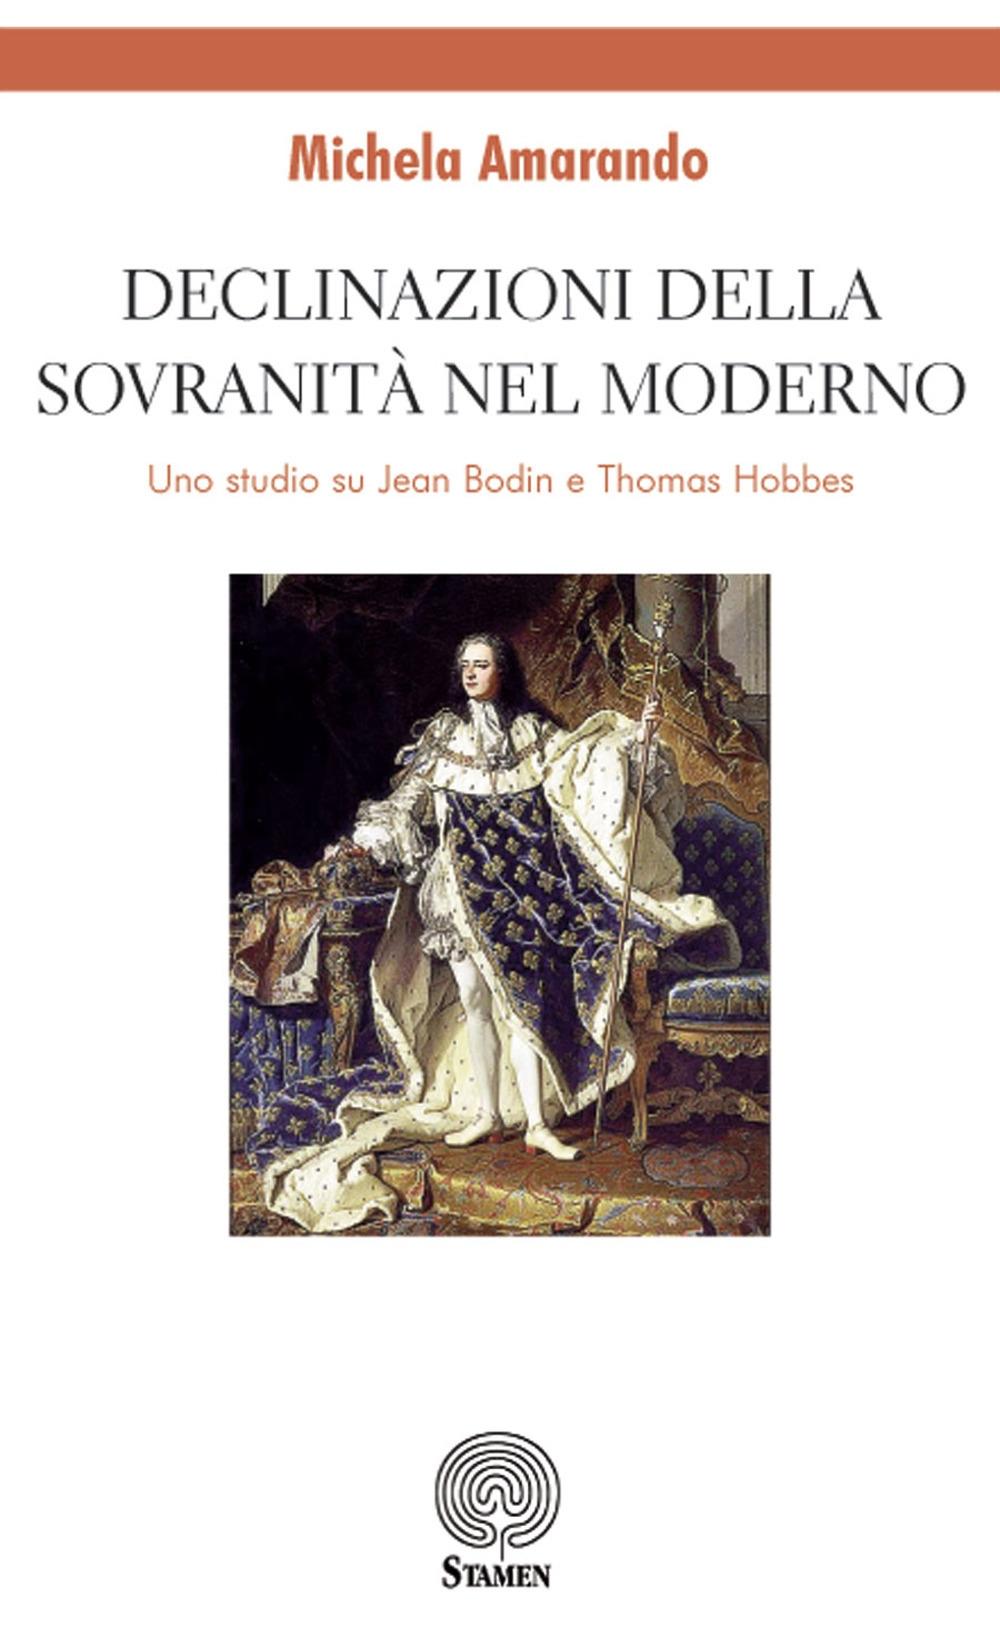 Declinazioni della sovranità nel moderno. Uno studio su Jean Bodin e Thomas Hobbes